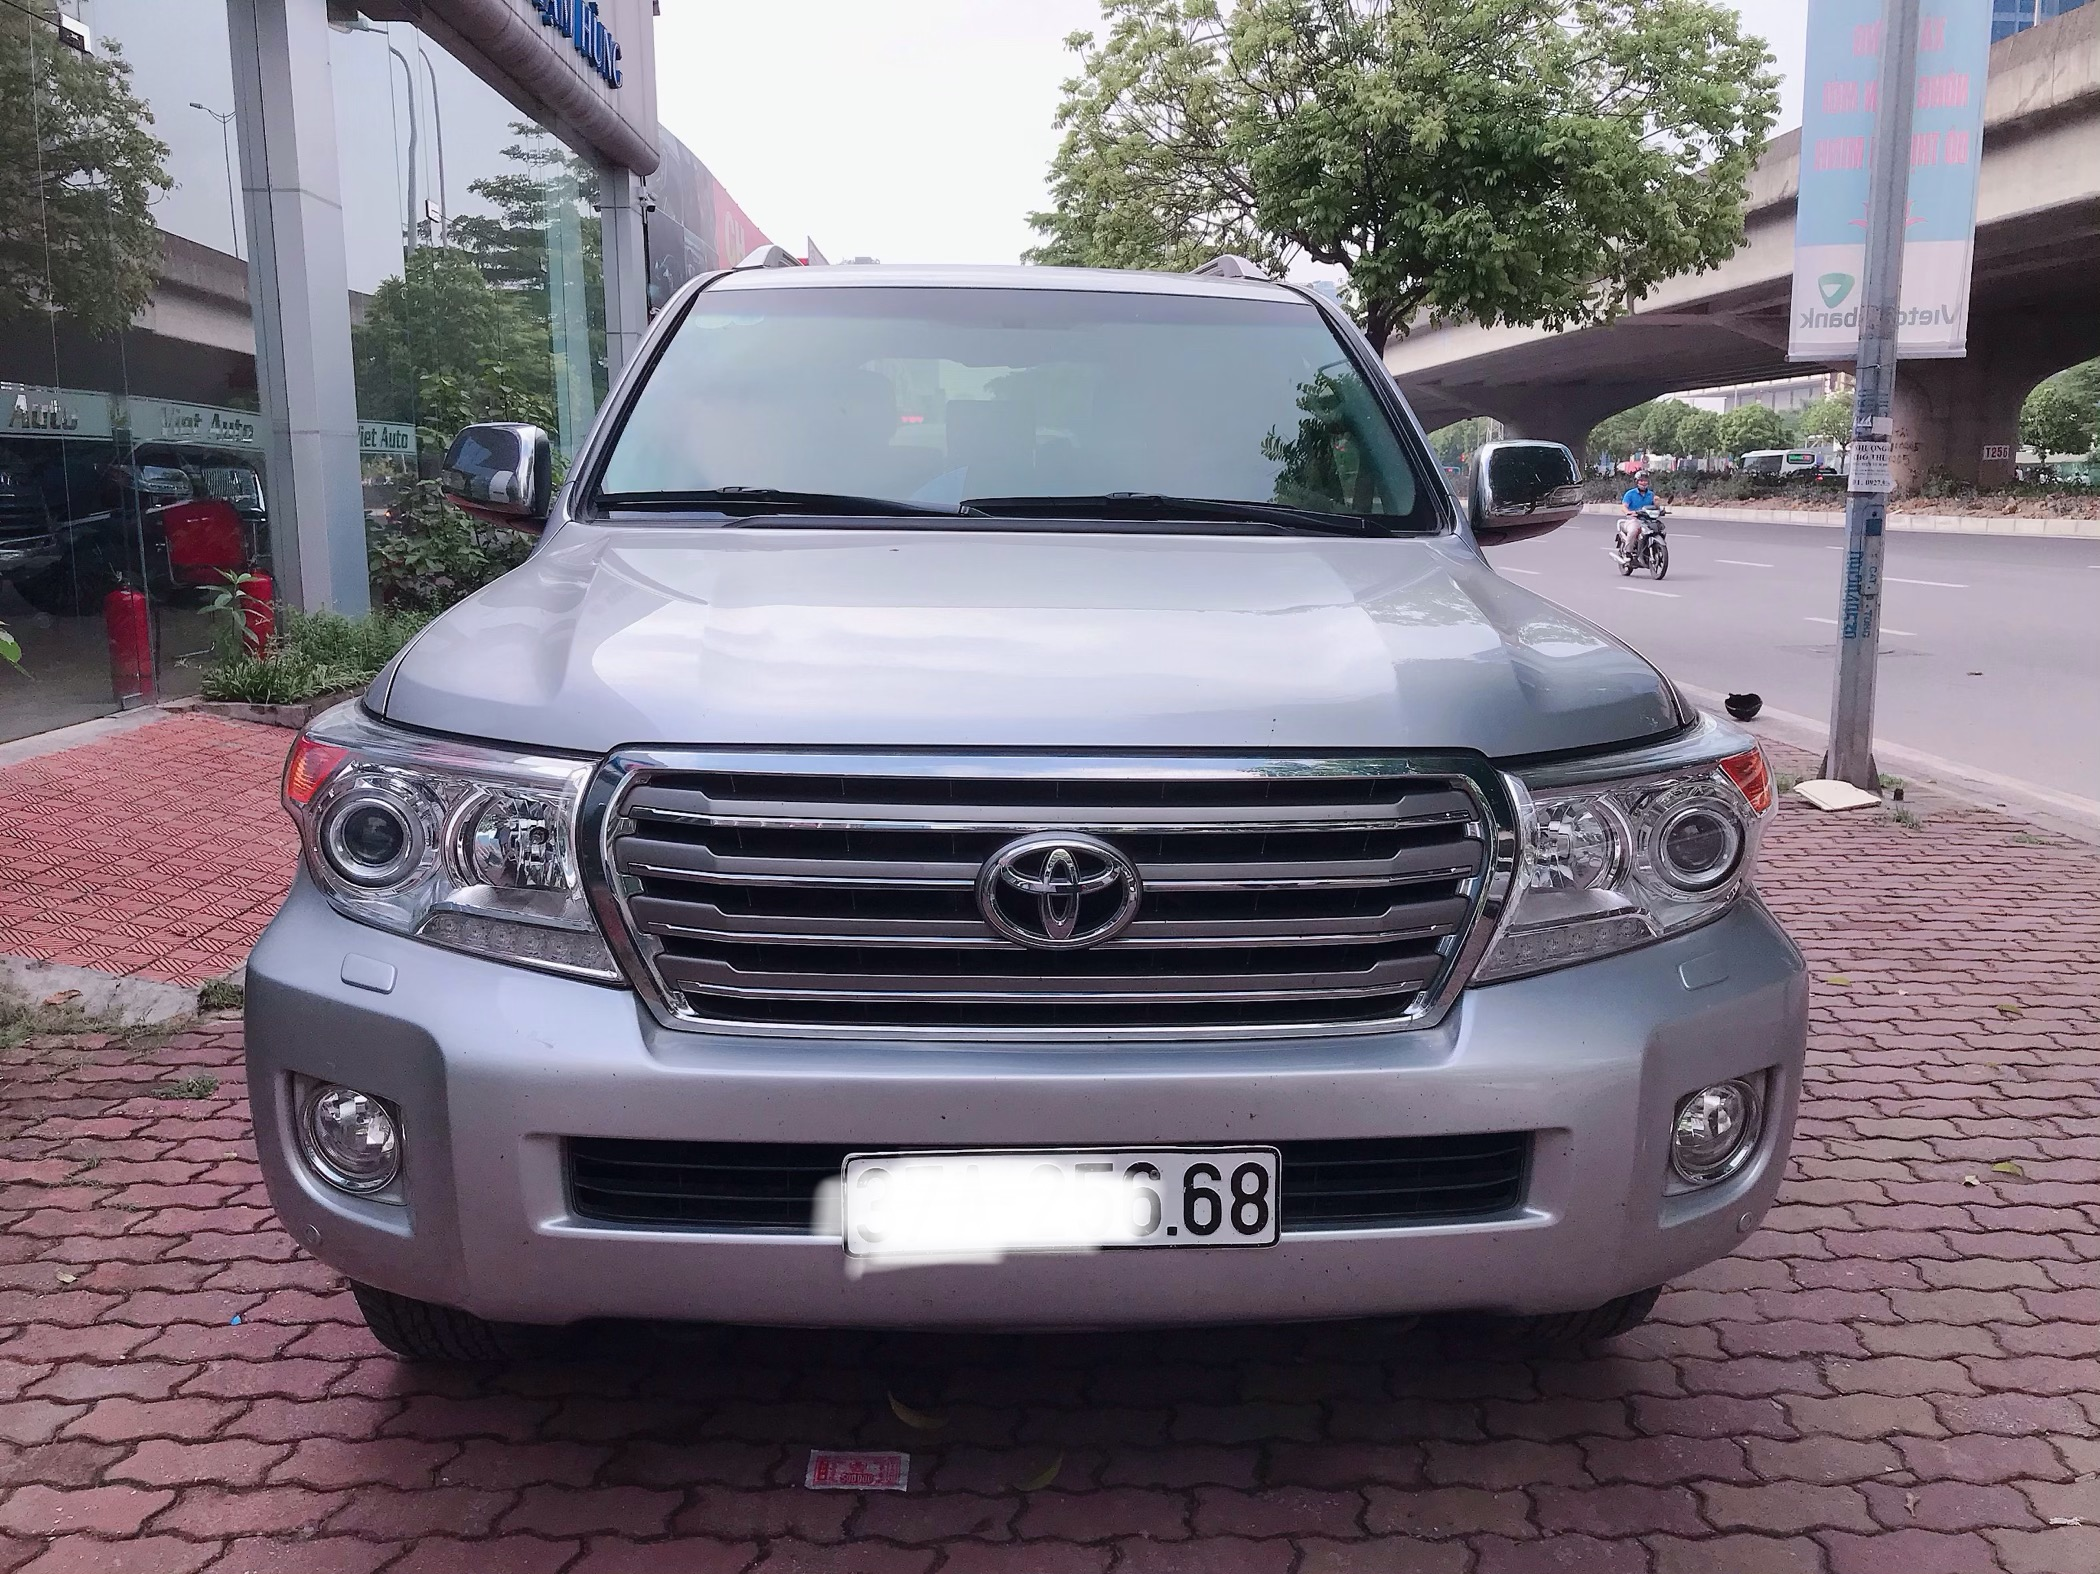 Bán Toyota Land Cruise 4.6,sản xuất và đăng ký 2015,1 chủ từ đầu,xe chạy 4,8 vạn km,như mới .